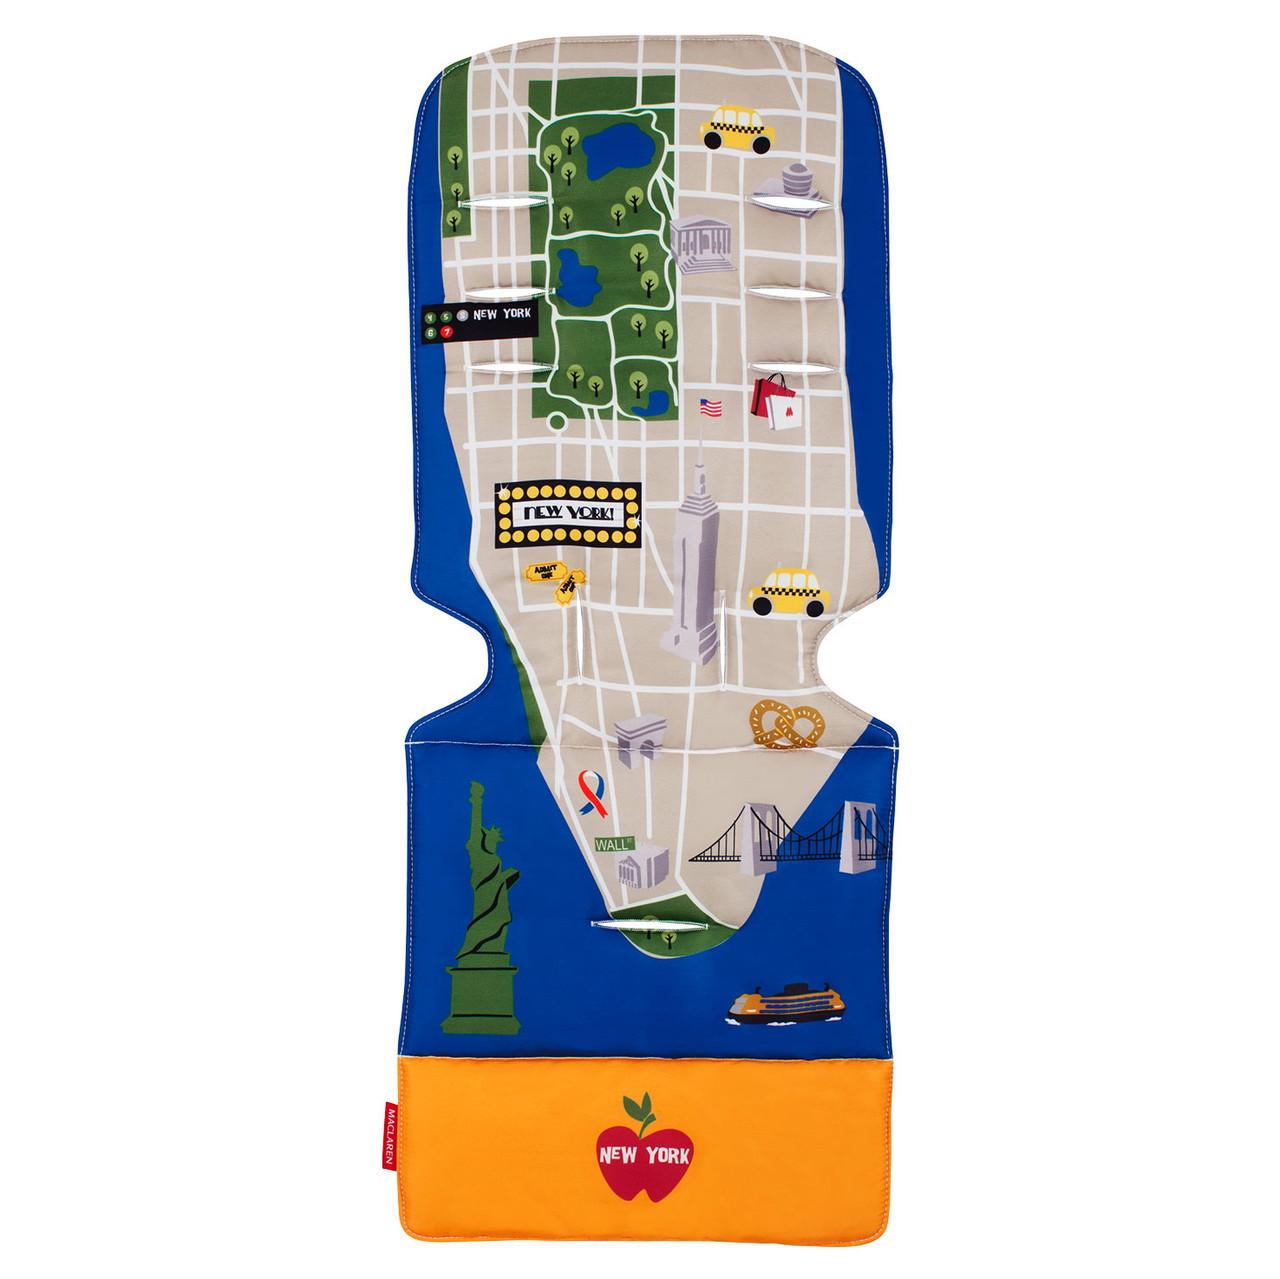 """Аксессуар к коляске «Maclaren» (AM1Y031932) вкладыш, цвет """"New York City Map"""""""